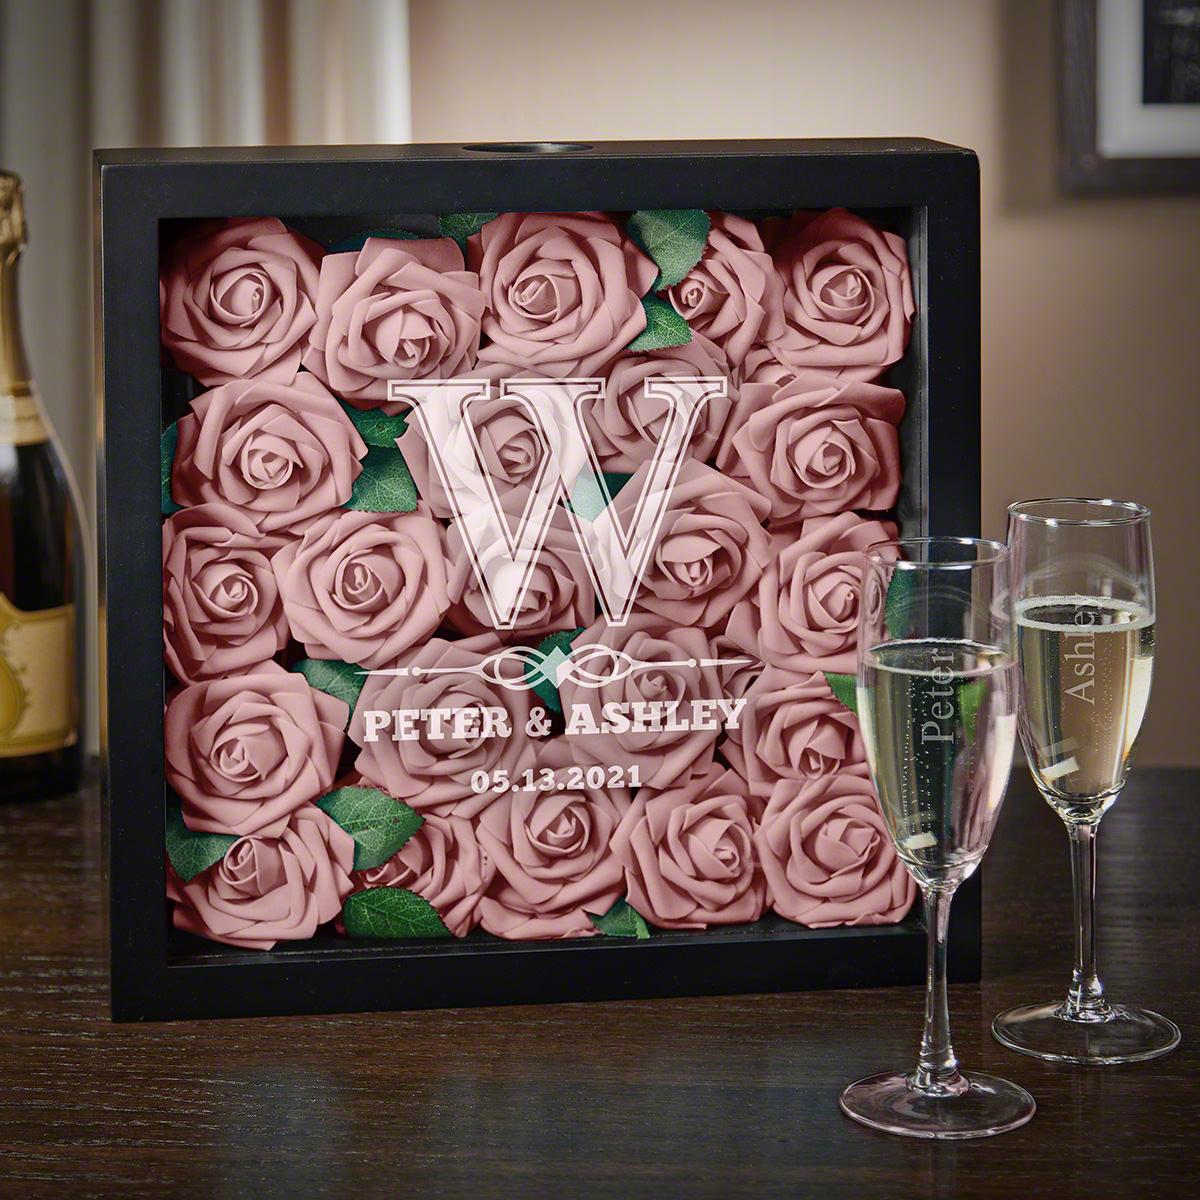 Lyndhurst Custom Shadow Box With Champagne Flutes Wedding Gift